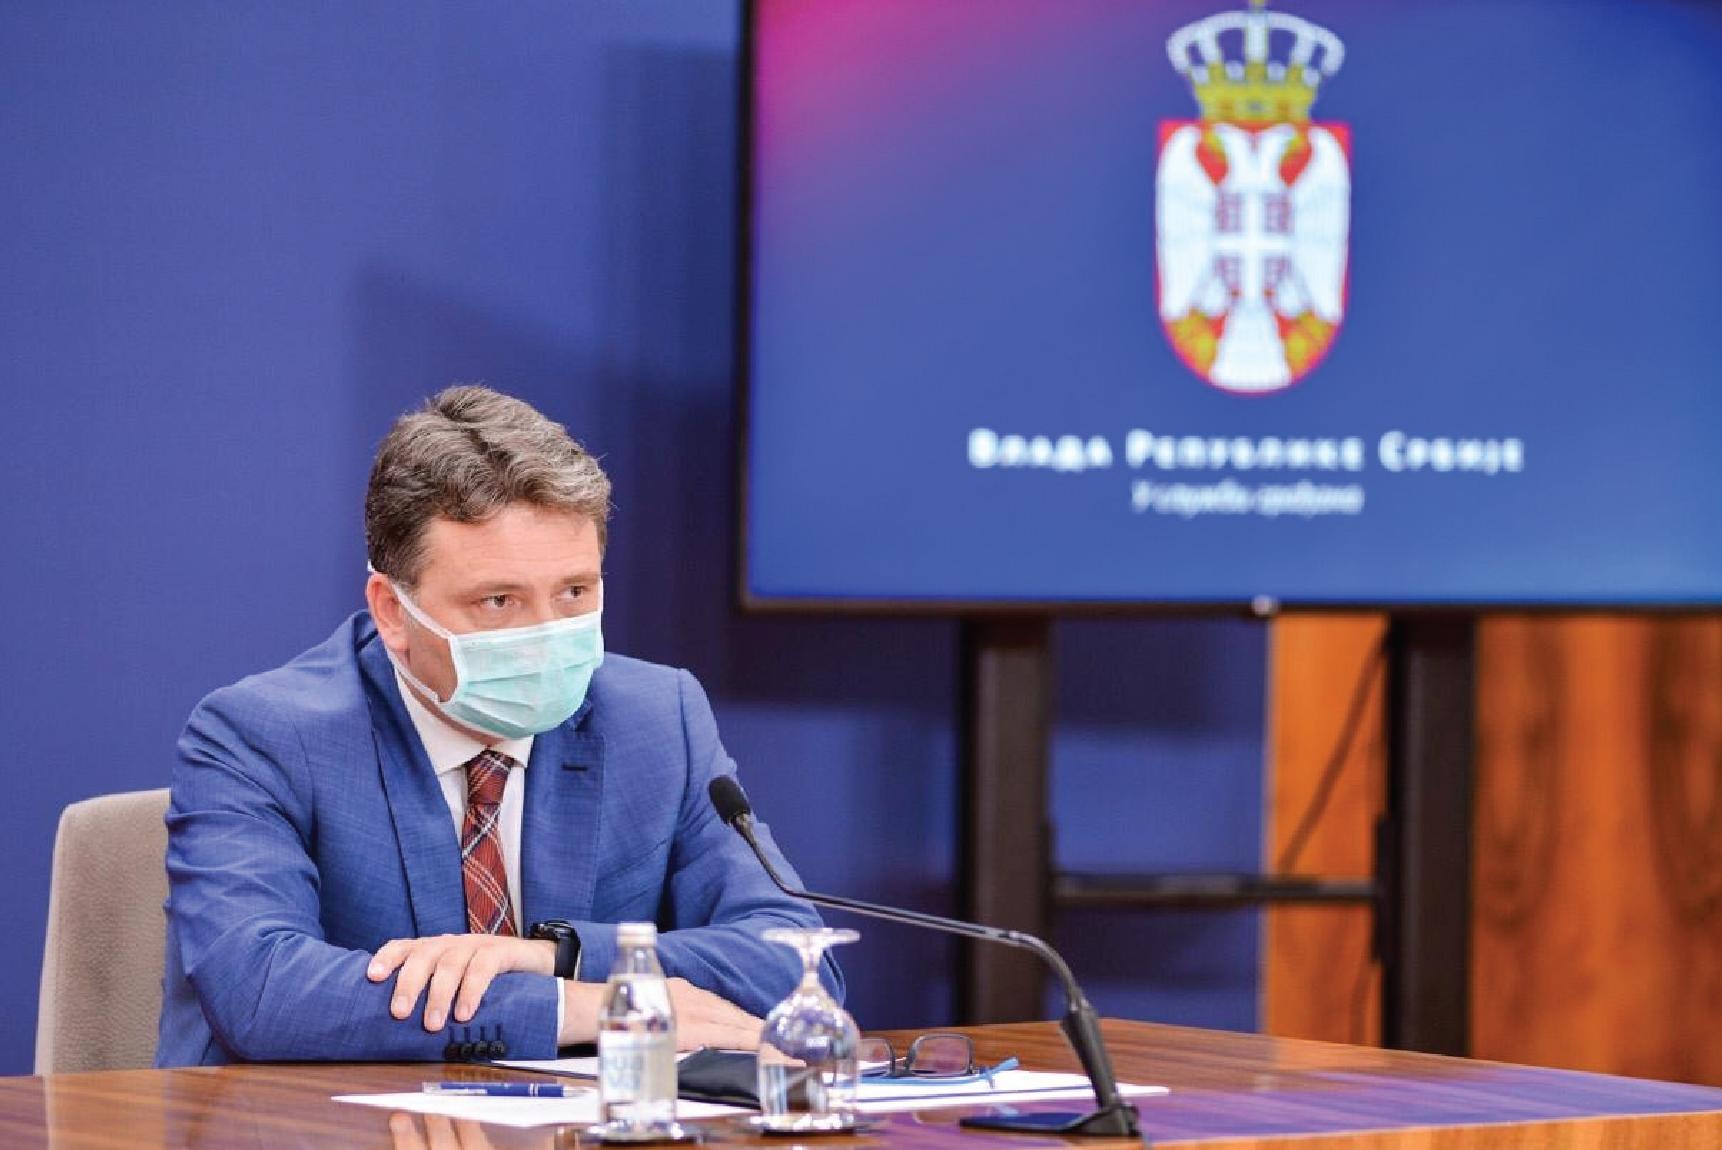 Јовановић: Од данас на еУправа обавештење о PCR тесту